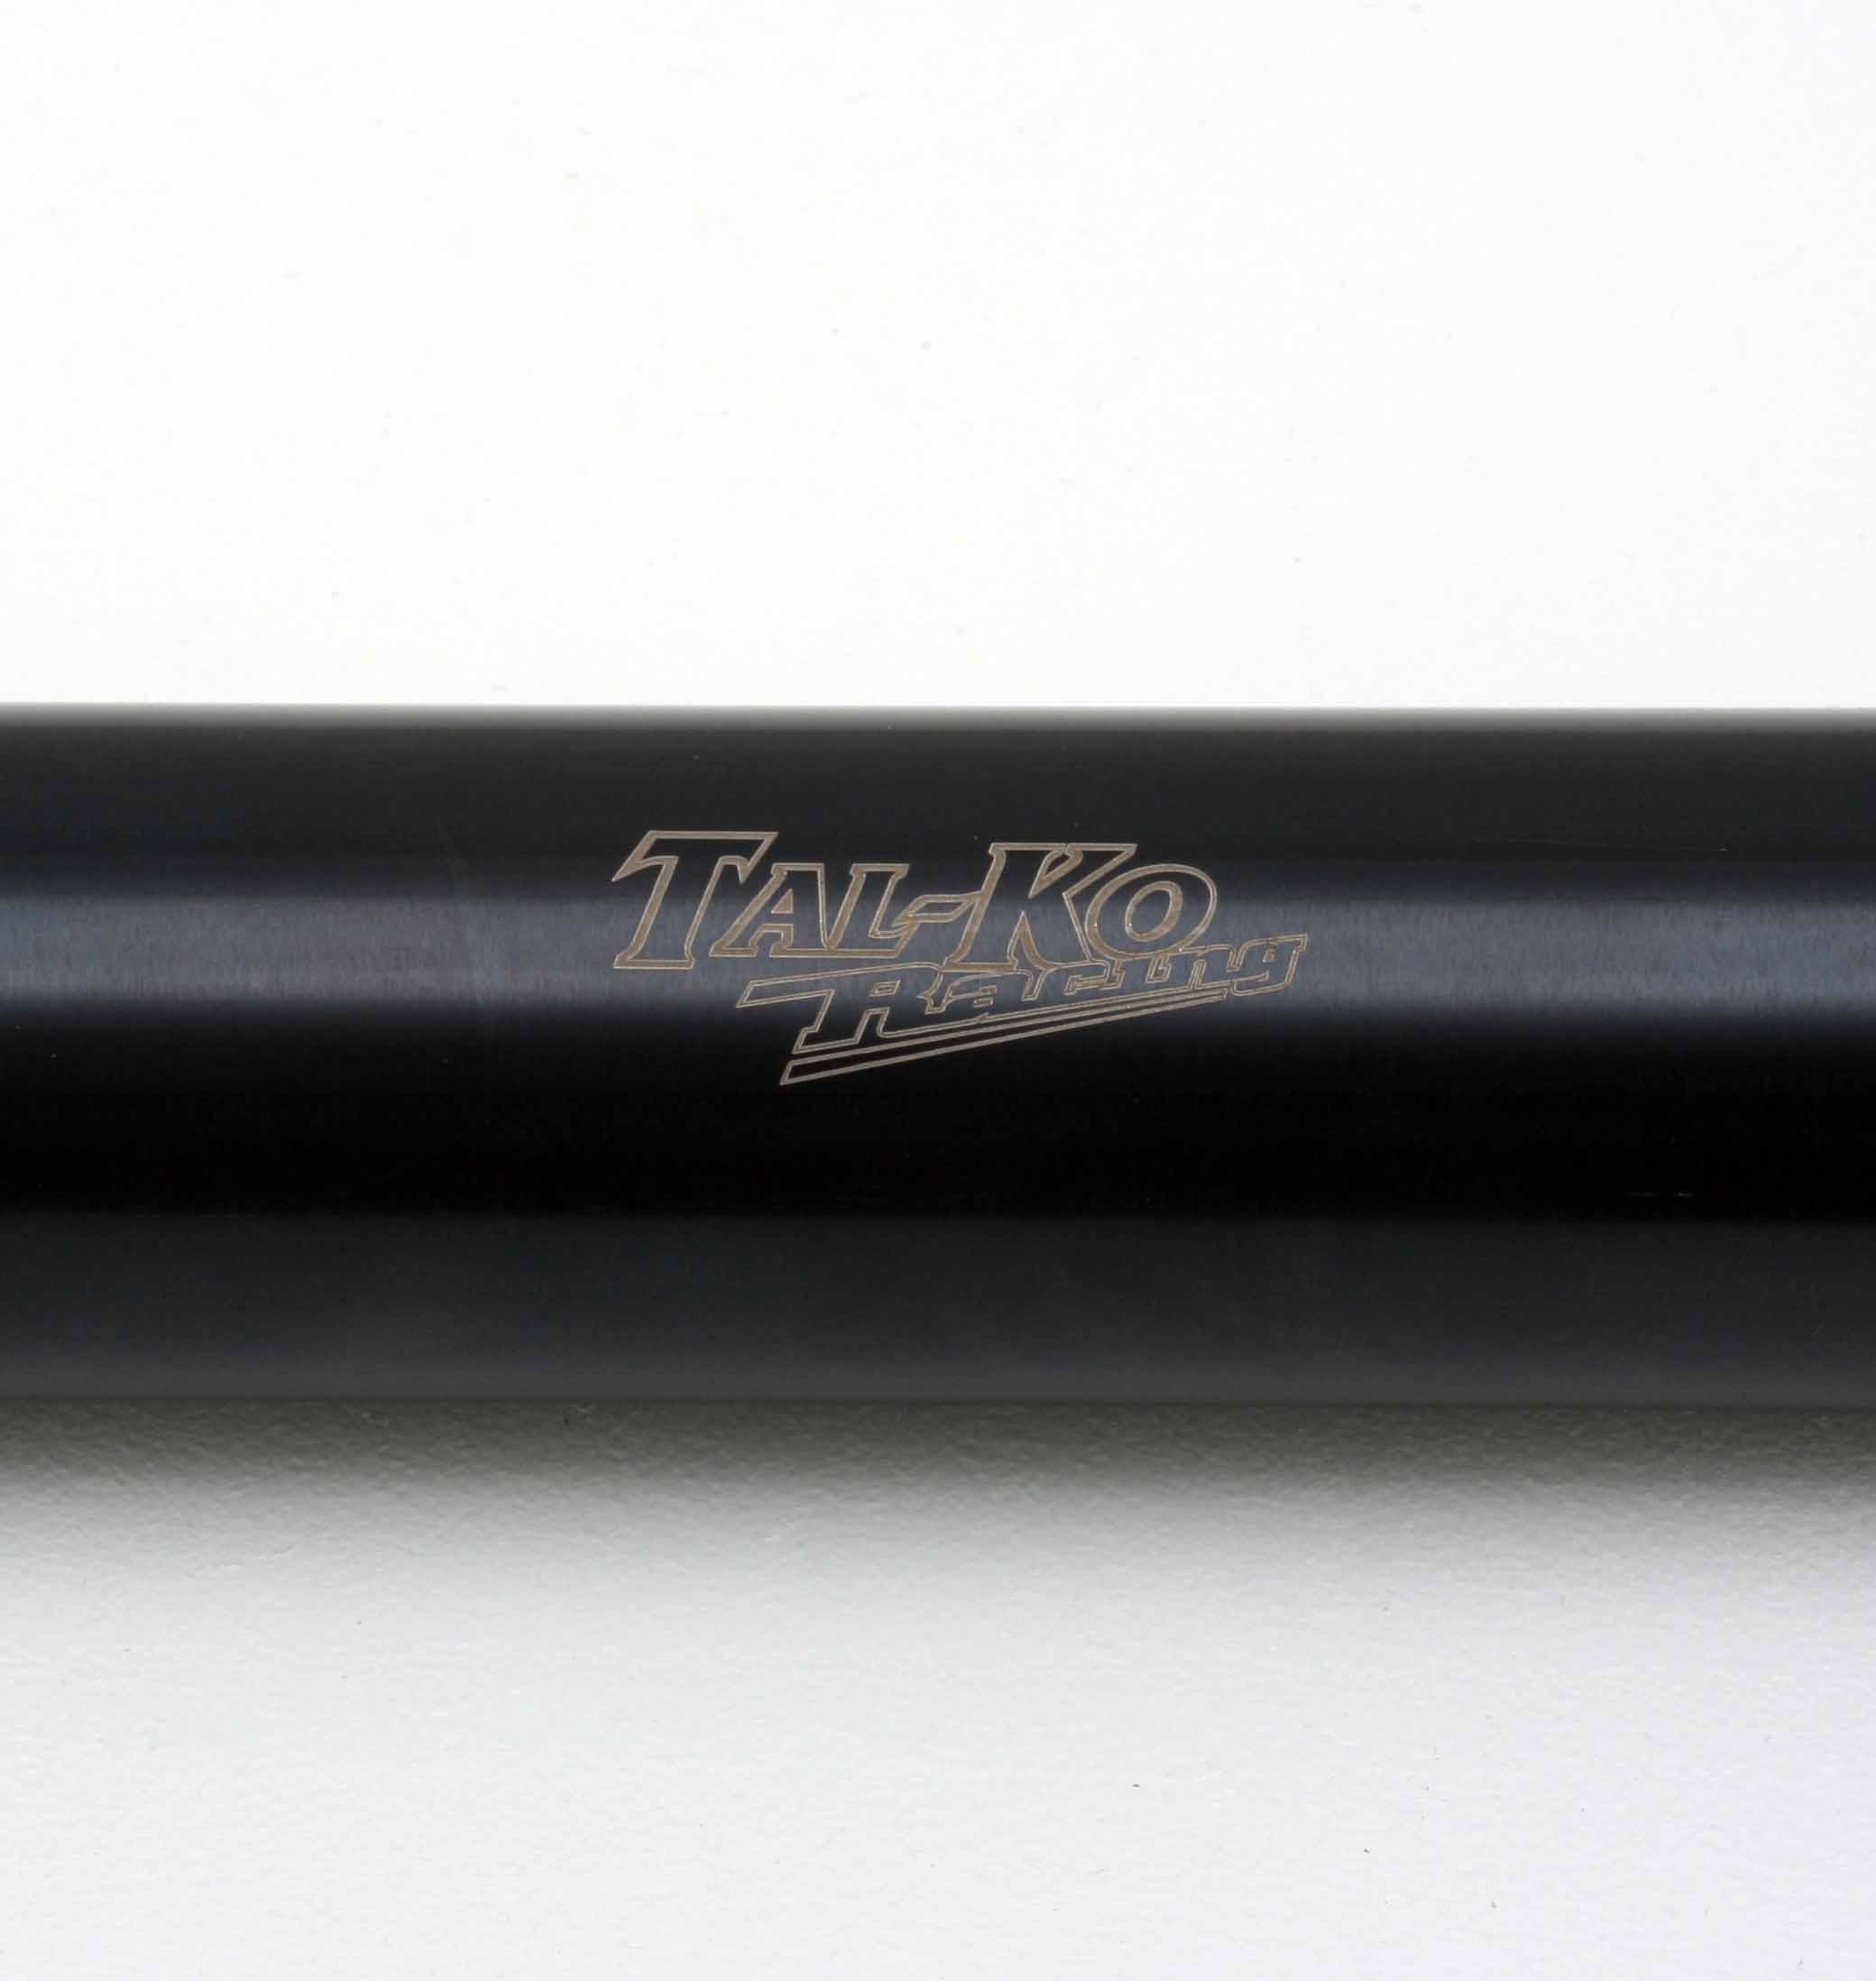 TAL-KO REAR AXLE 50MM x 102 MH BLACK